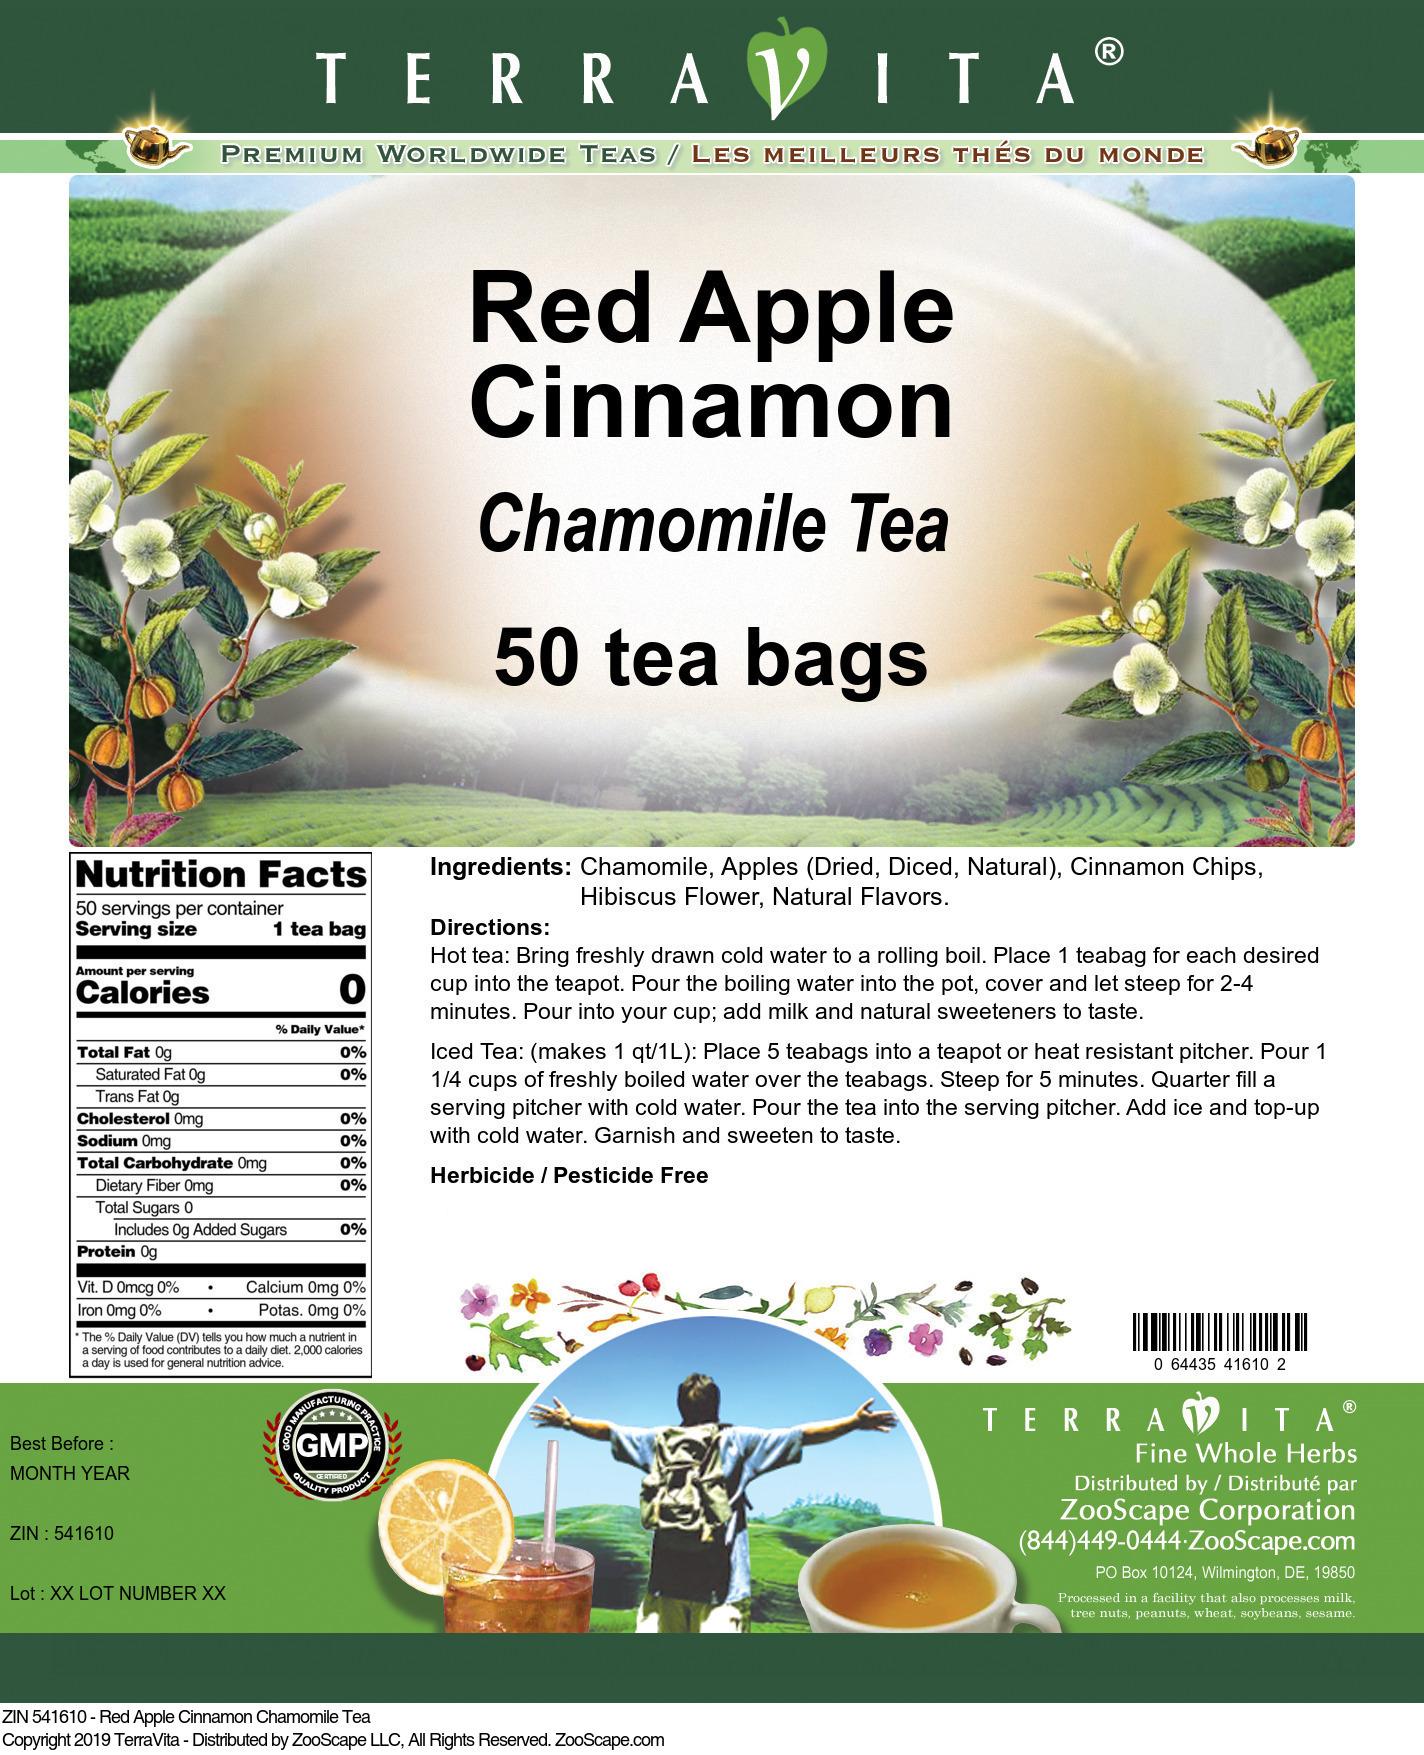 Red Apple Cinnamon Chamomile Tea